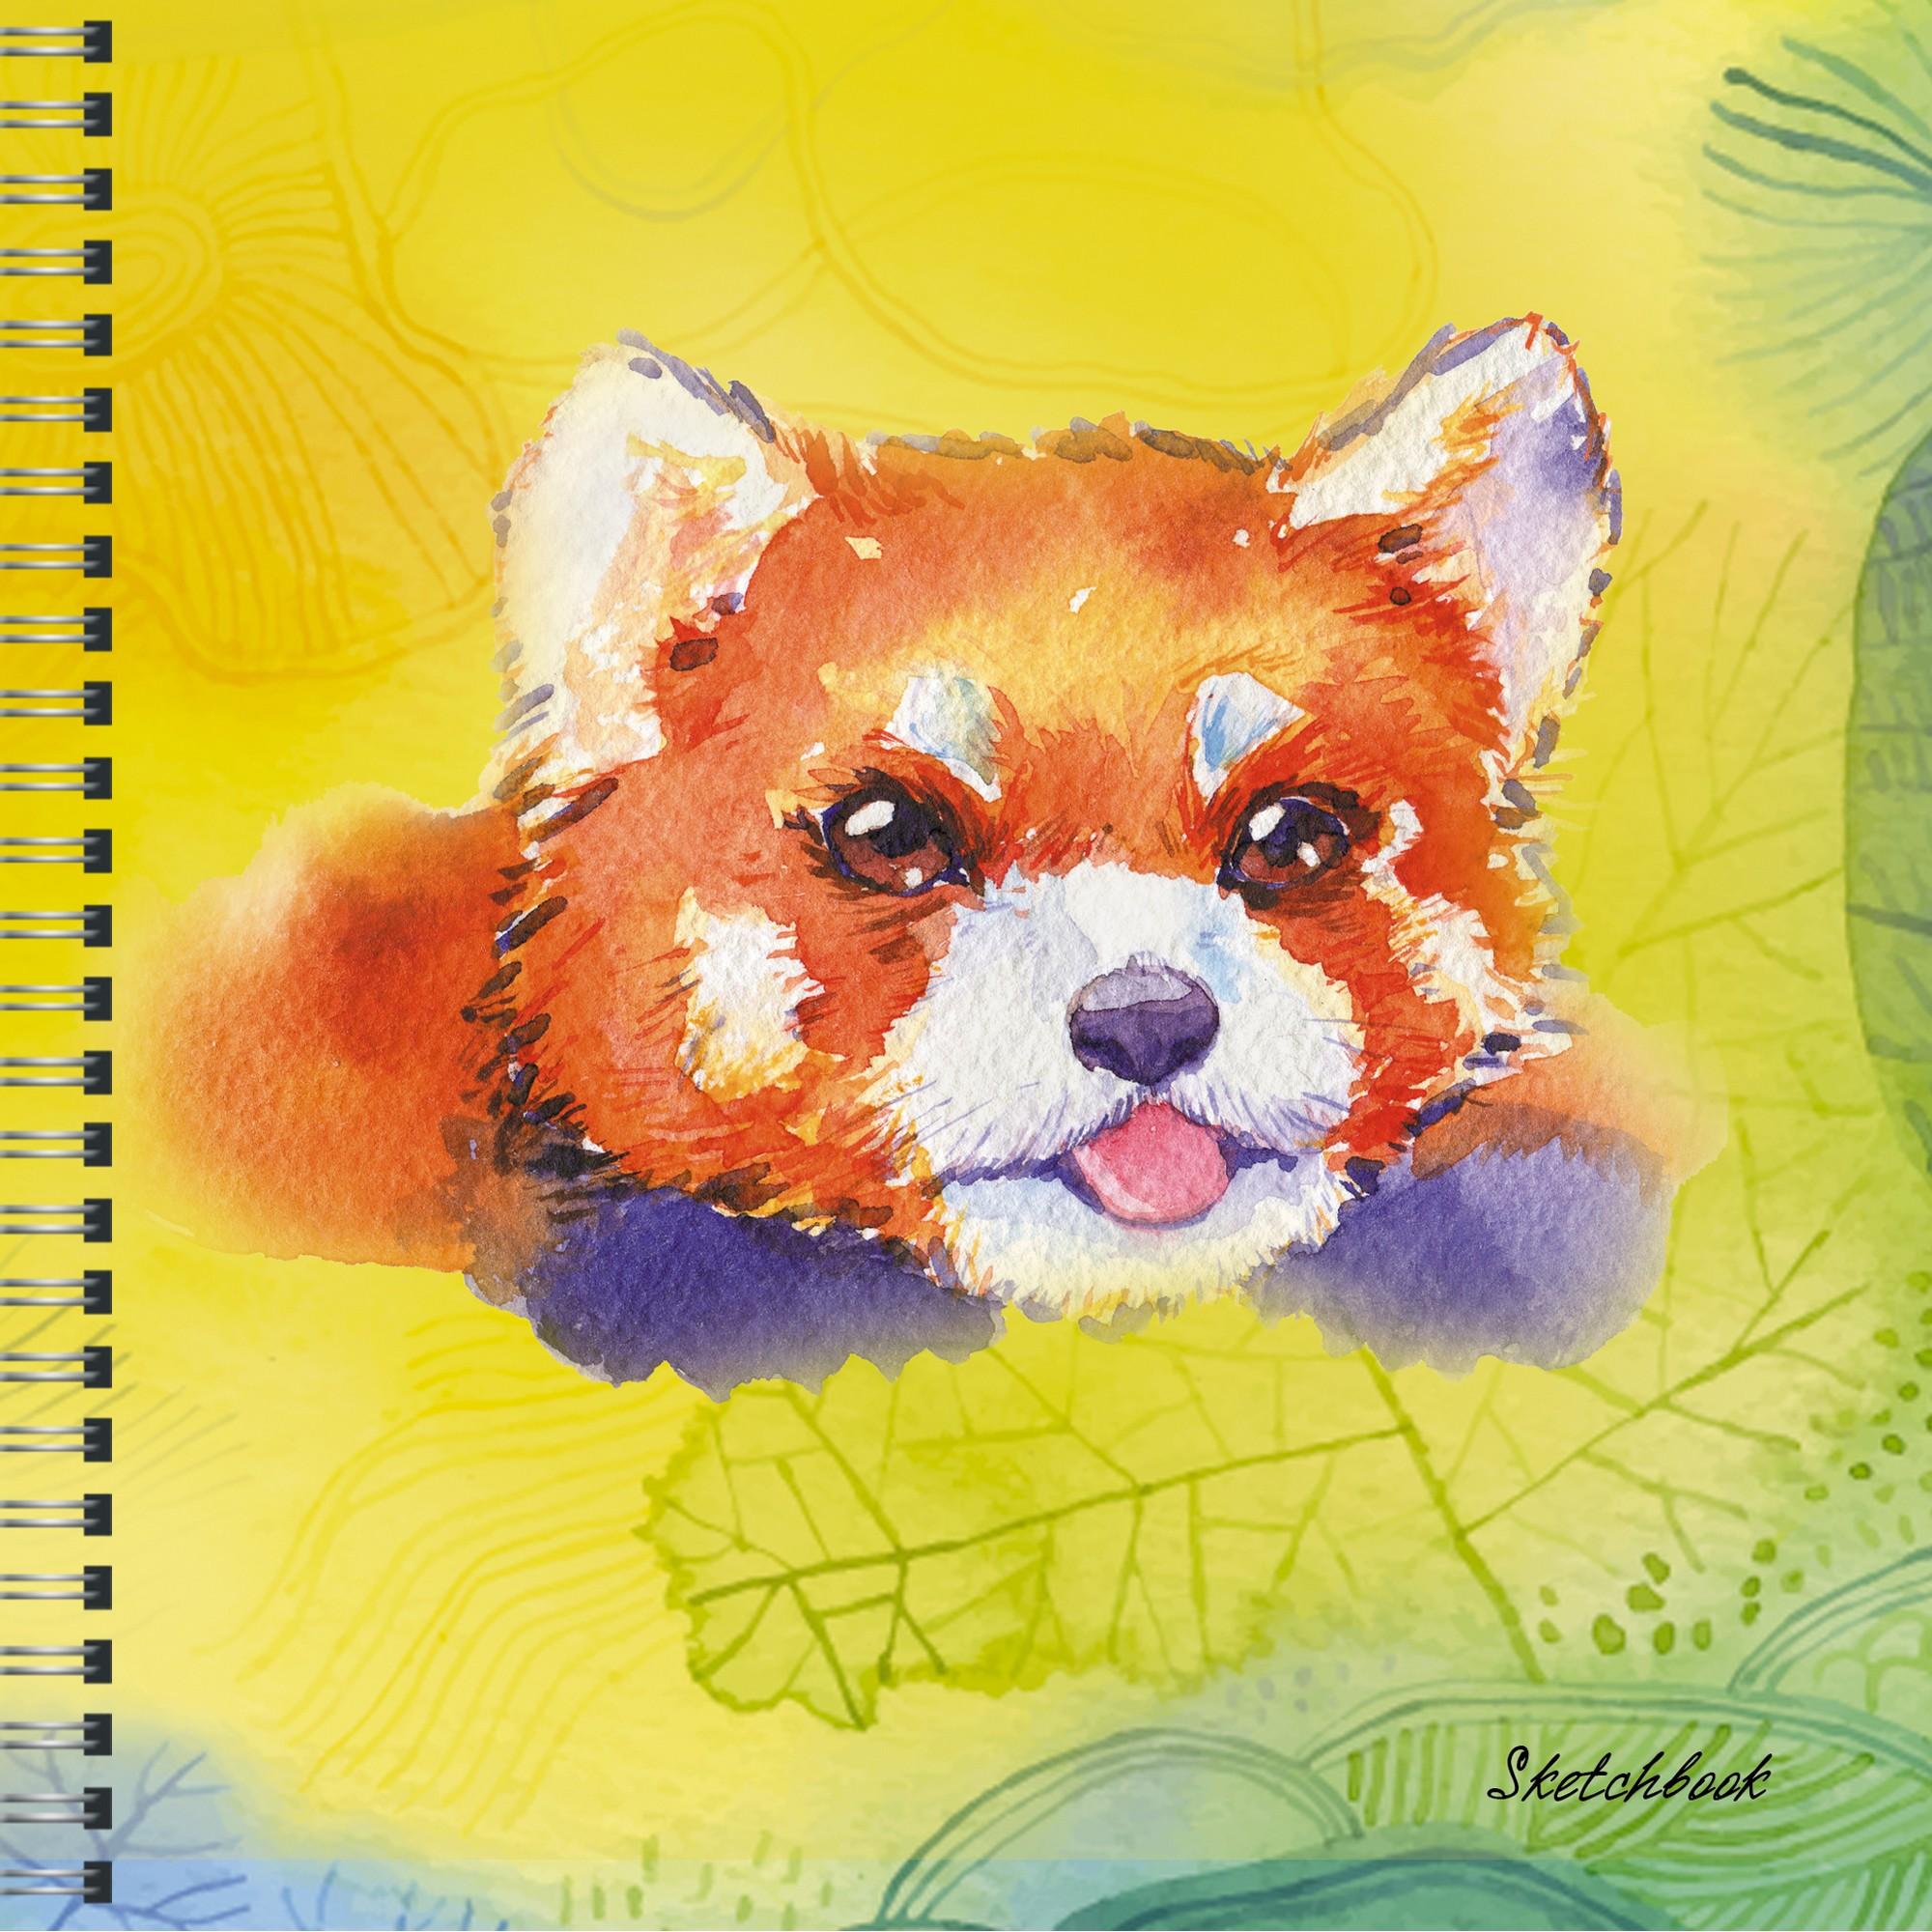 Скетчбук 165*165мм 50л спир Красная панда (акварель) 100гр